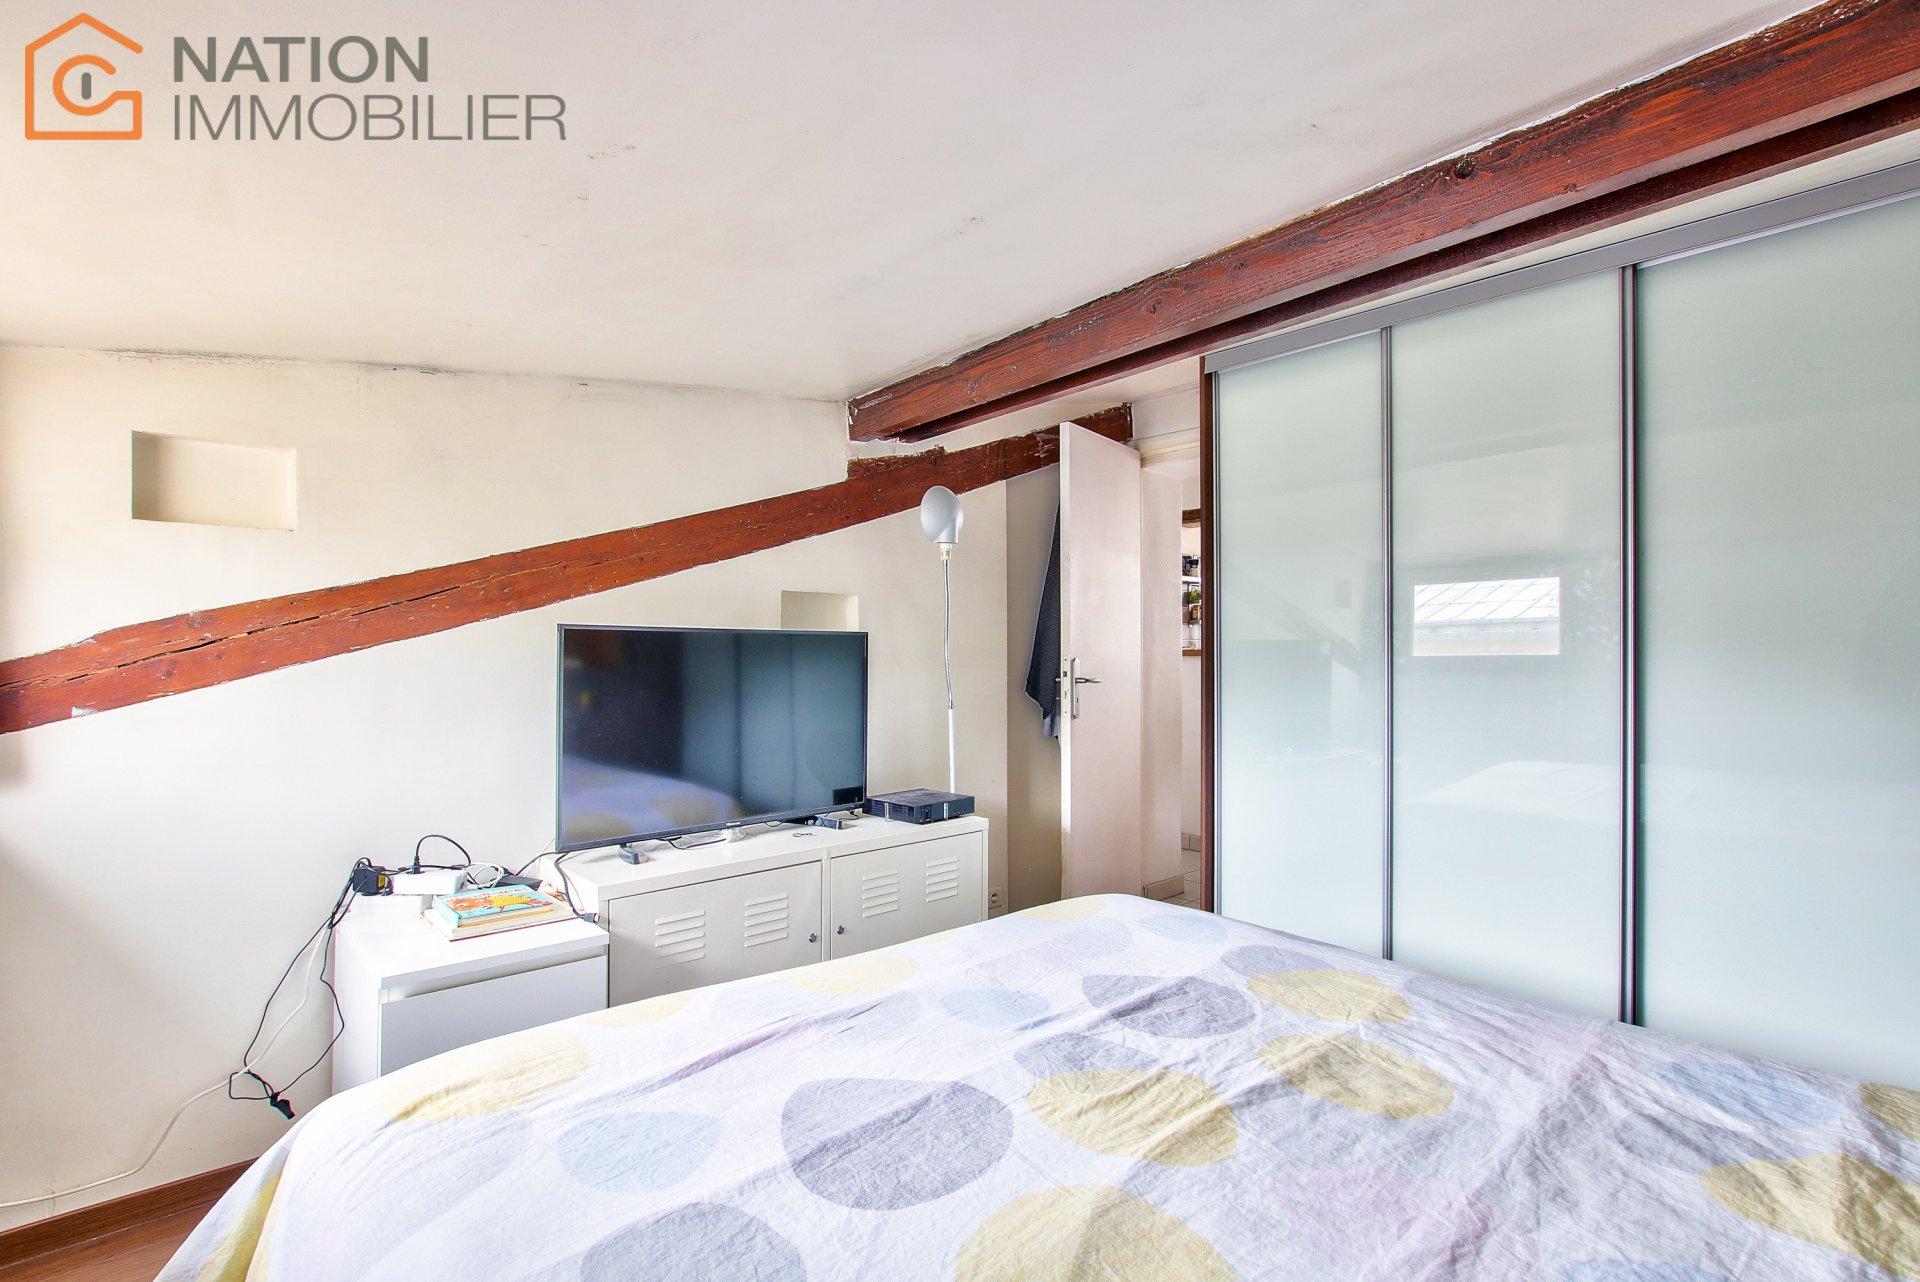 Sale Apartment - Paris 20th (Paris 20ème)